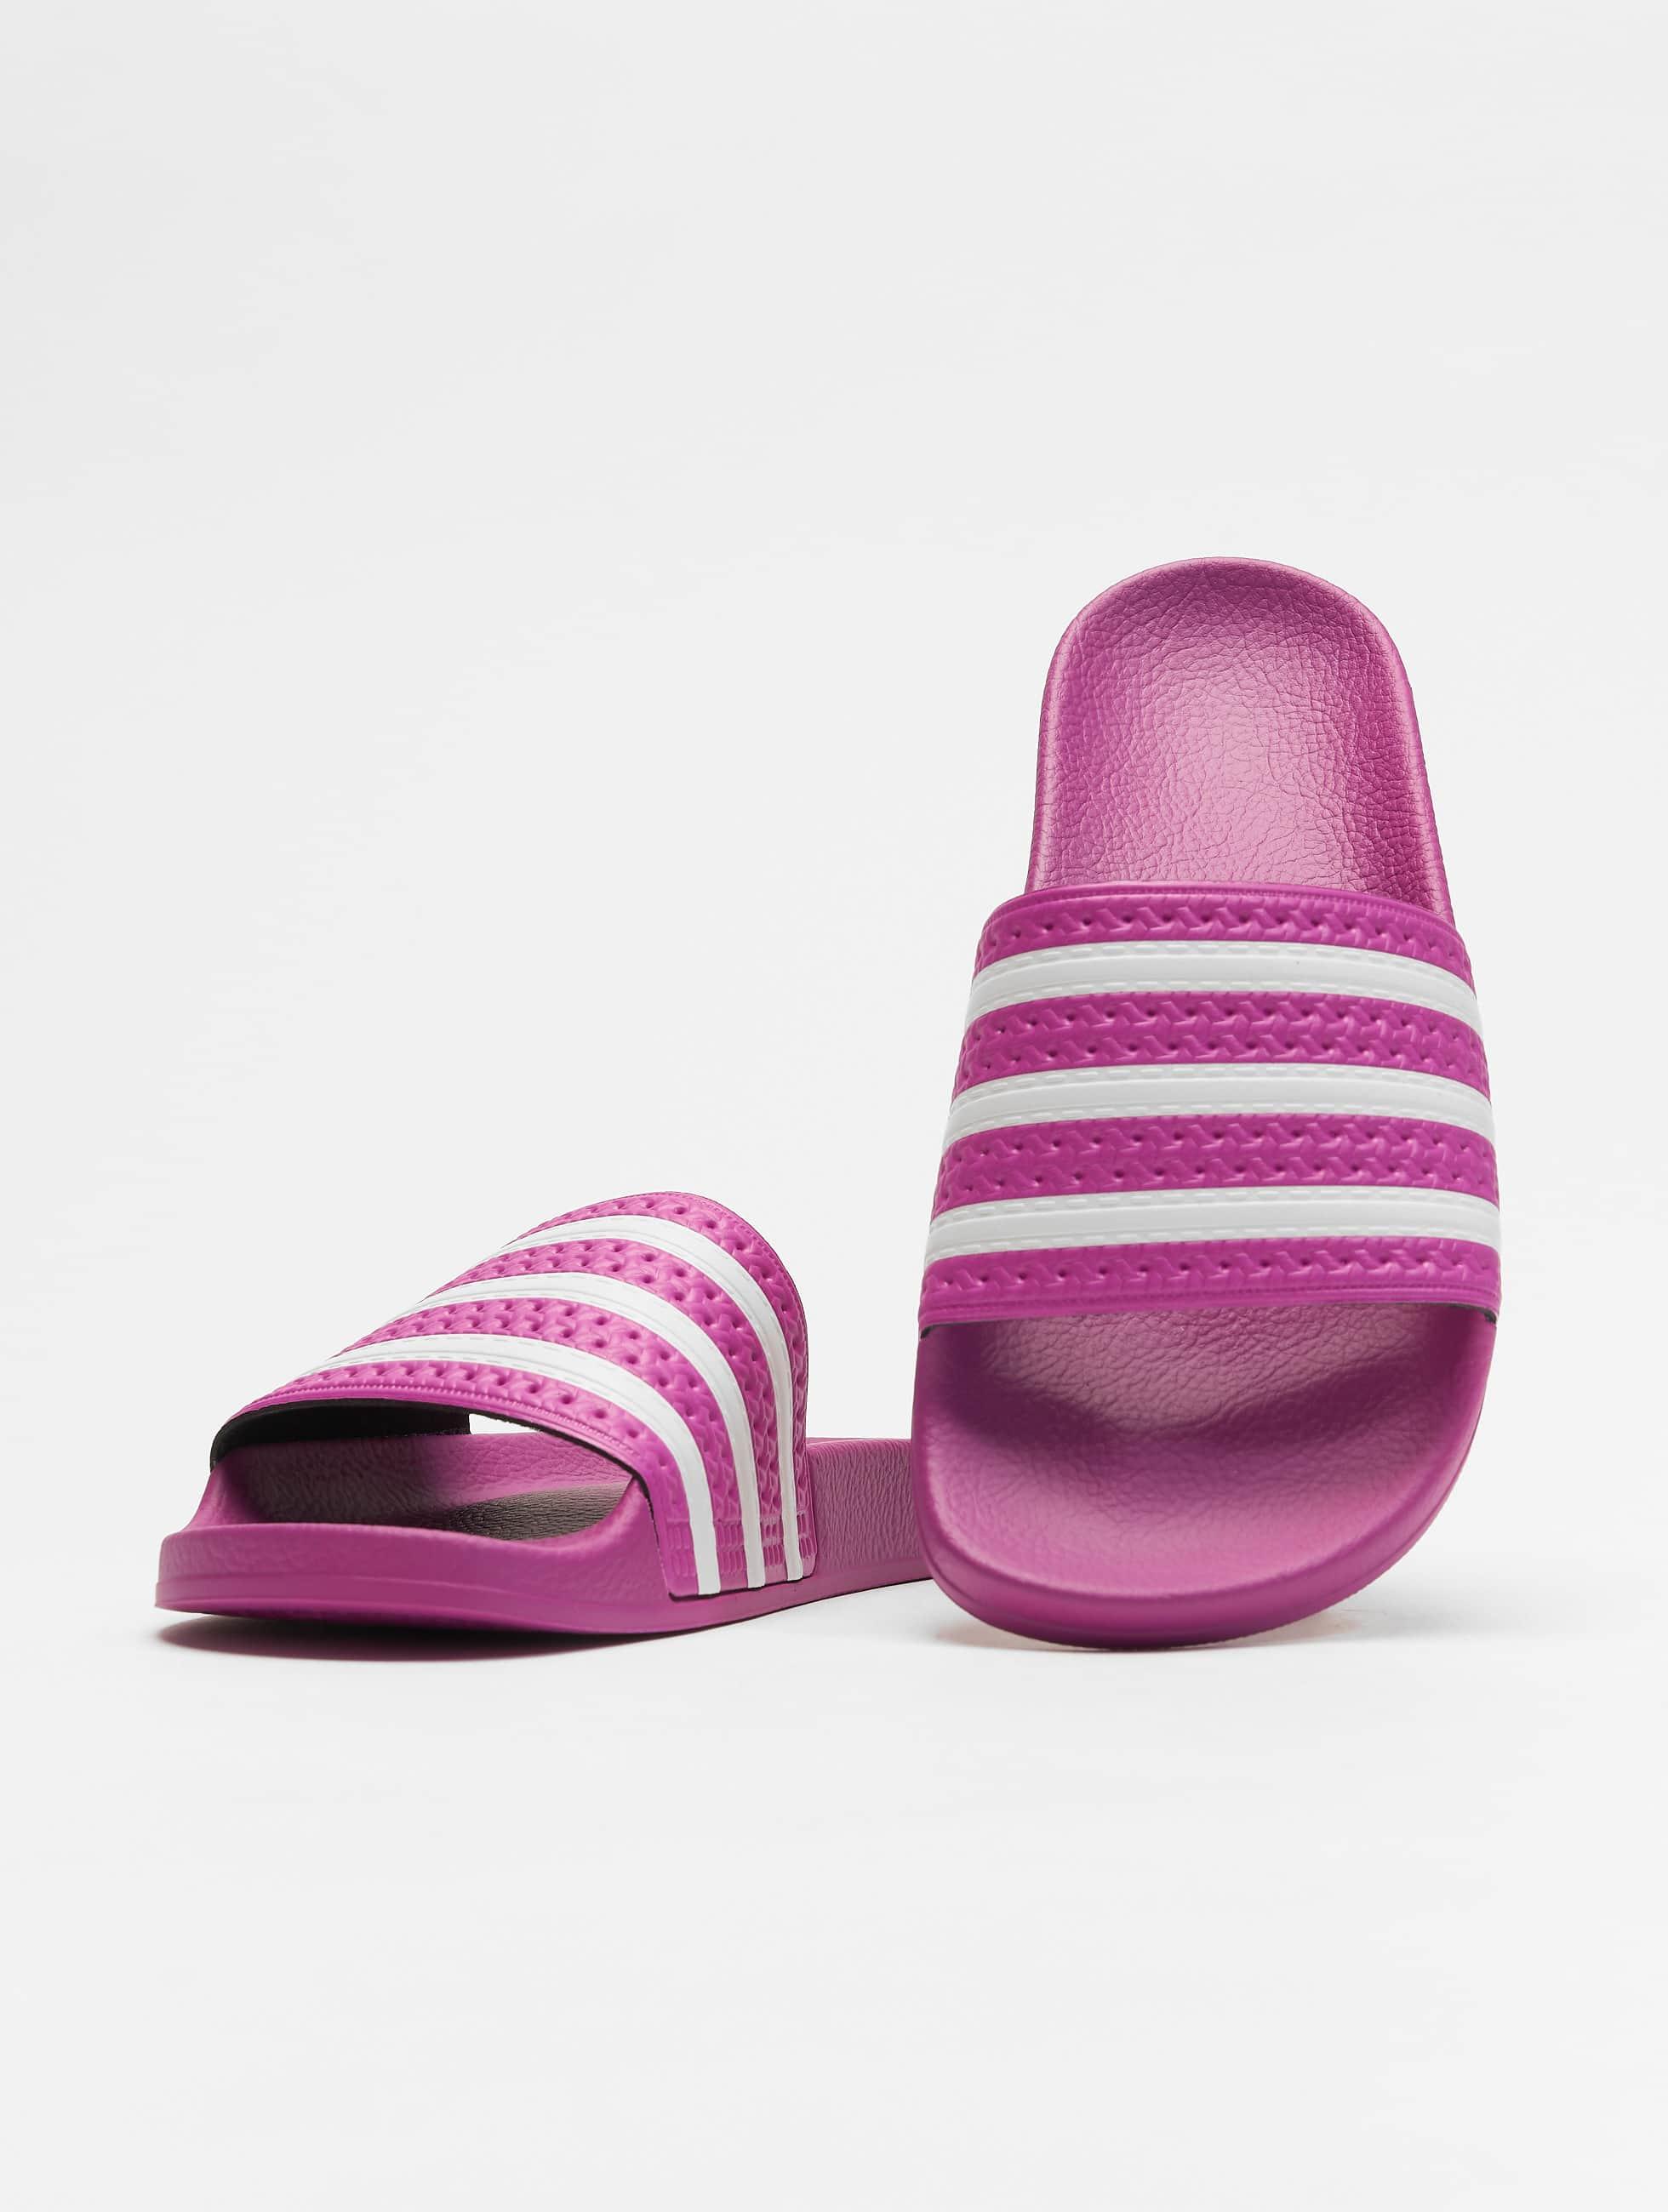 Originals Damen Sandalen Adilette Adidas In 599615 Violet ZiOukPXT